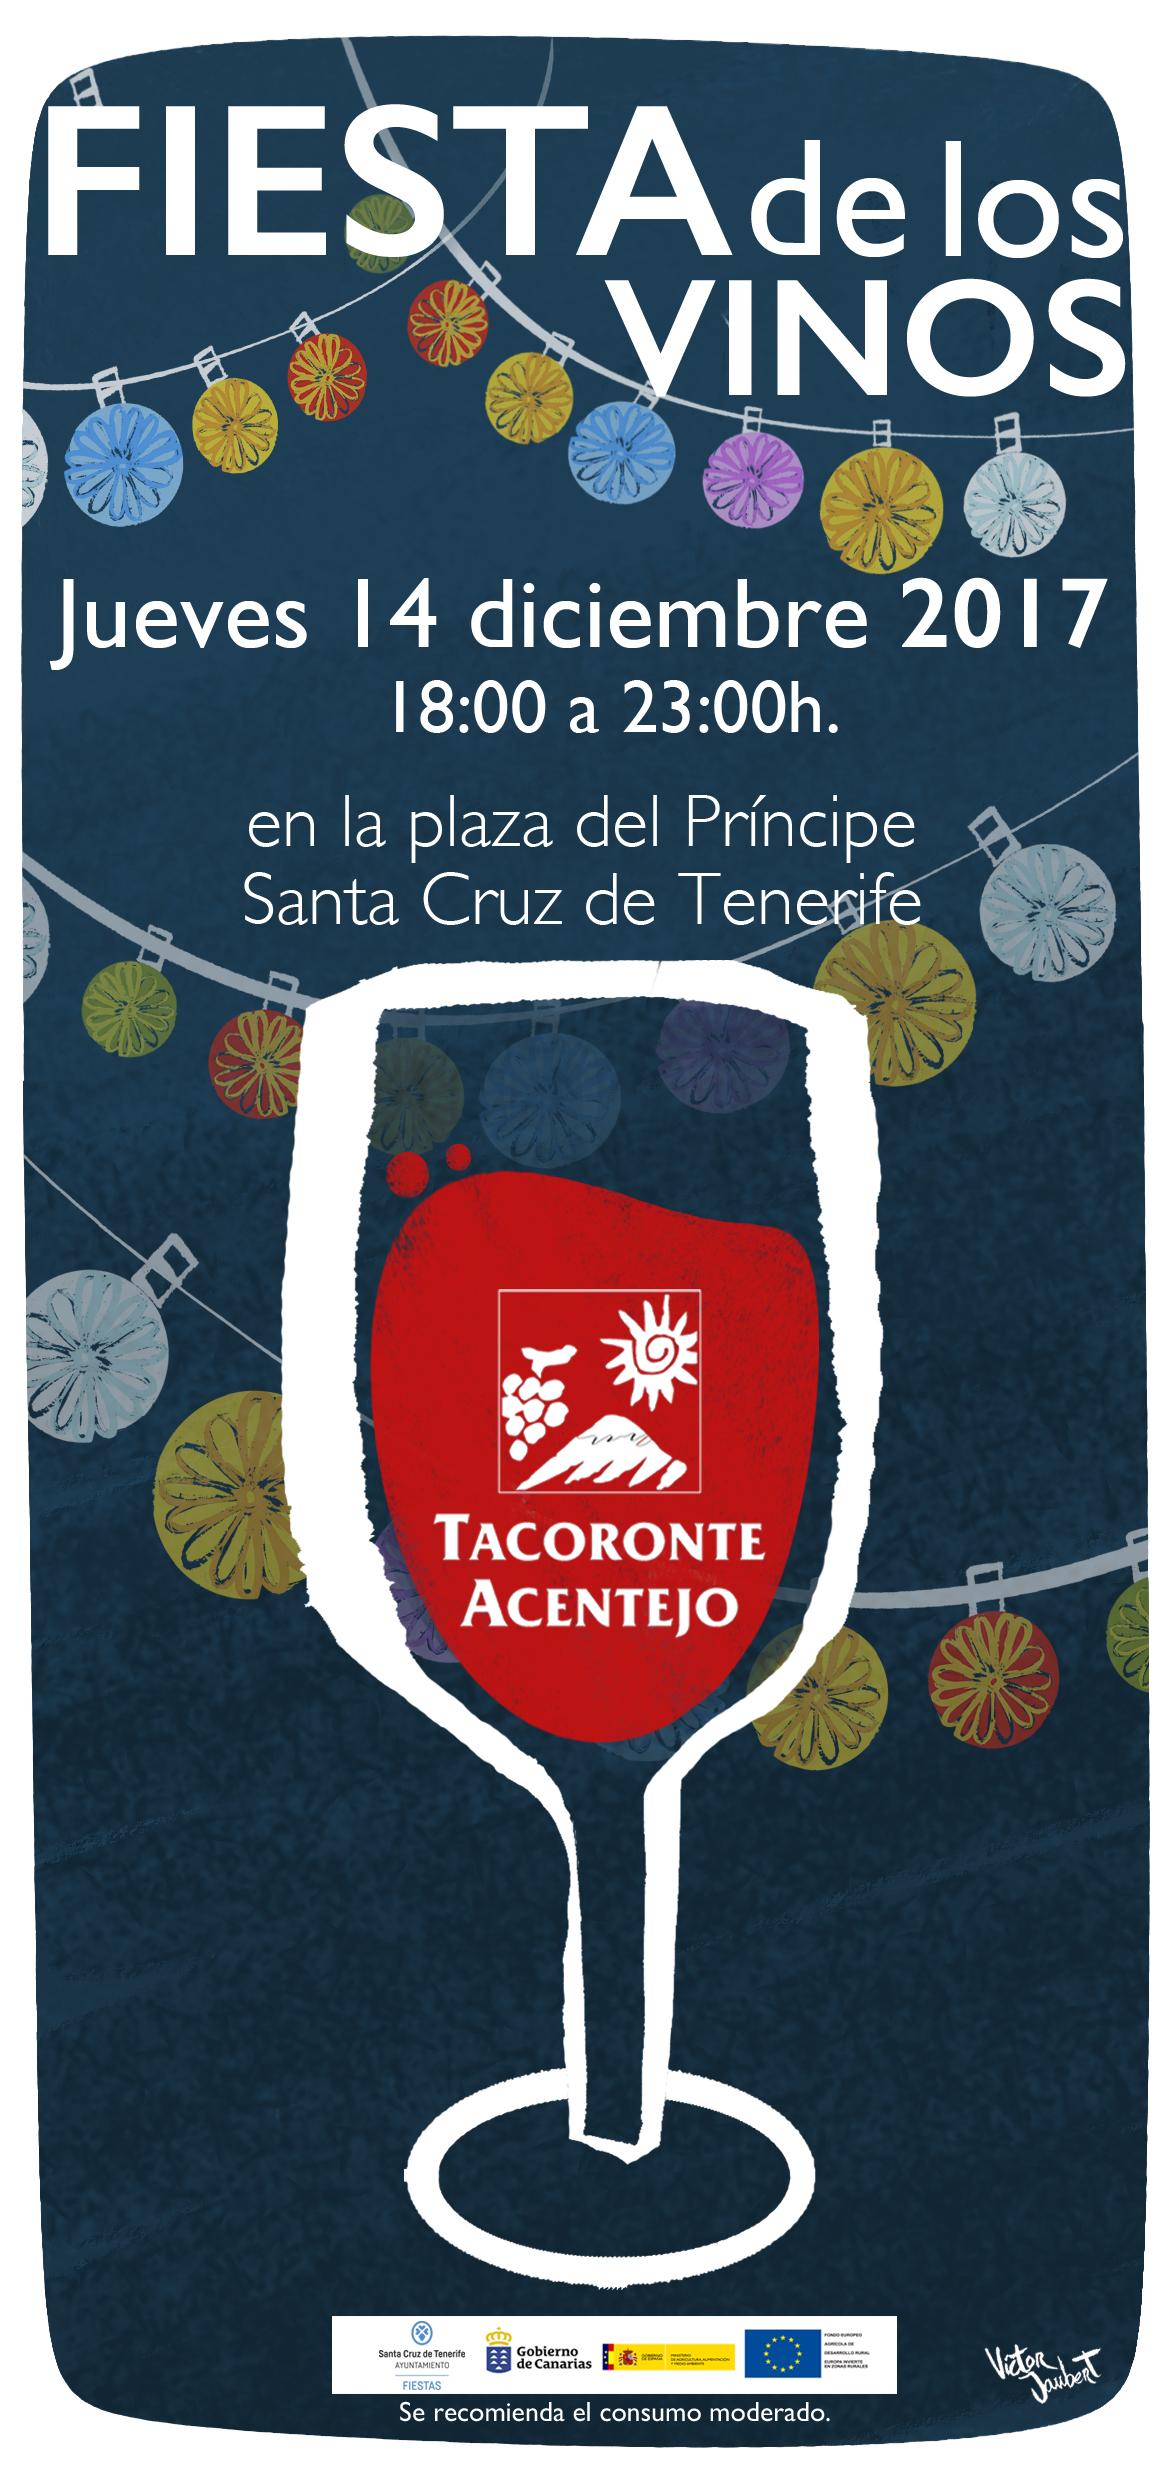 Fiesta de los vinos Tacoronte-Acentejo en Santa Cruz